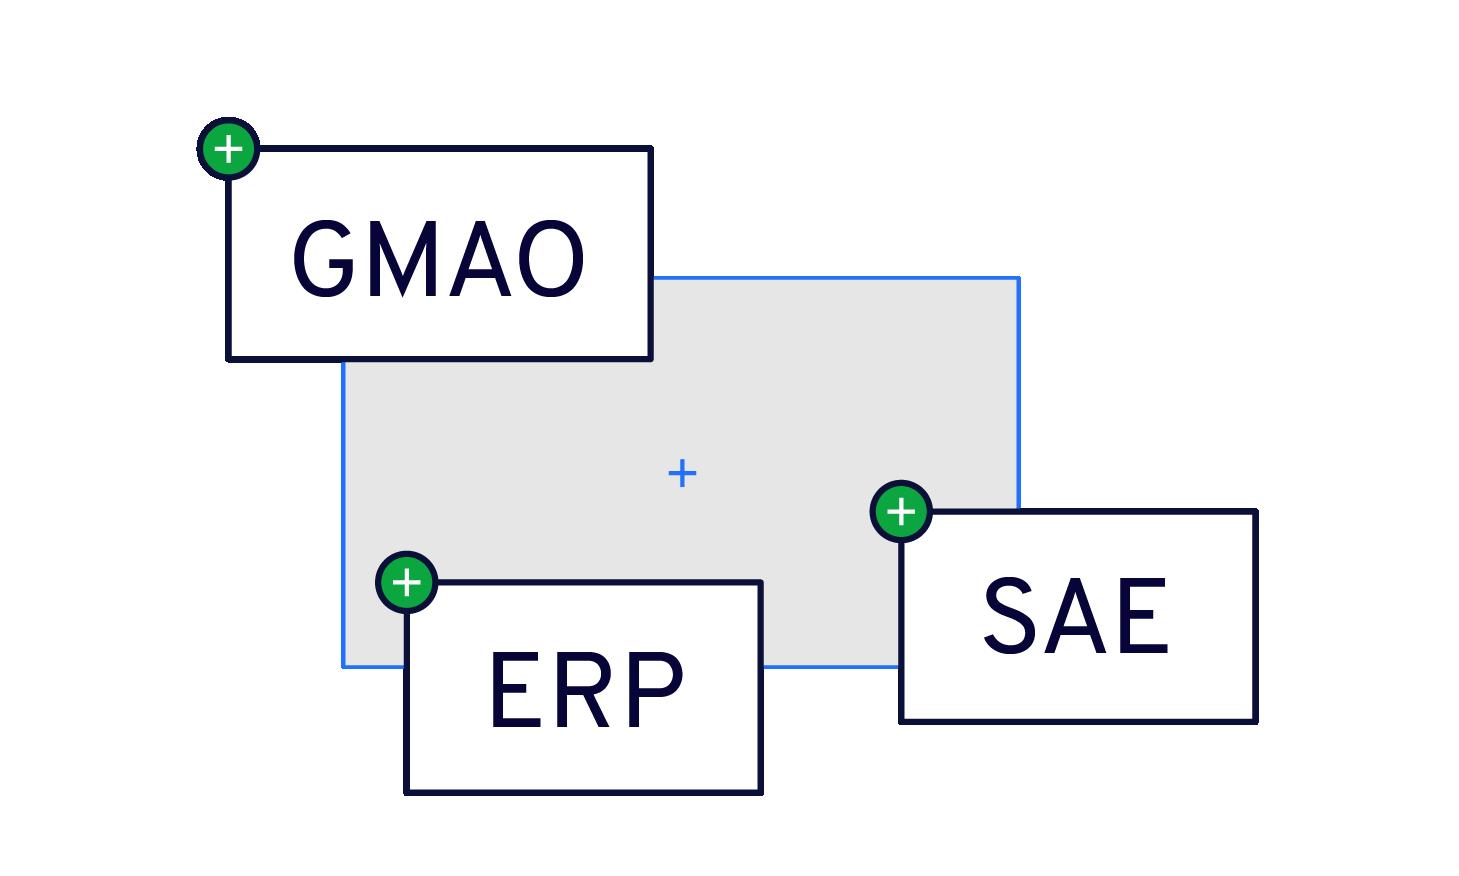 La plateforme Mobeefleet est construite autour d'interfaces ouvertes et standardisées. Connectez vos outils de gestion à Mobeefleet pour créer un environnement cohérent : GMAO, ERP, main courante, SAE, etc.